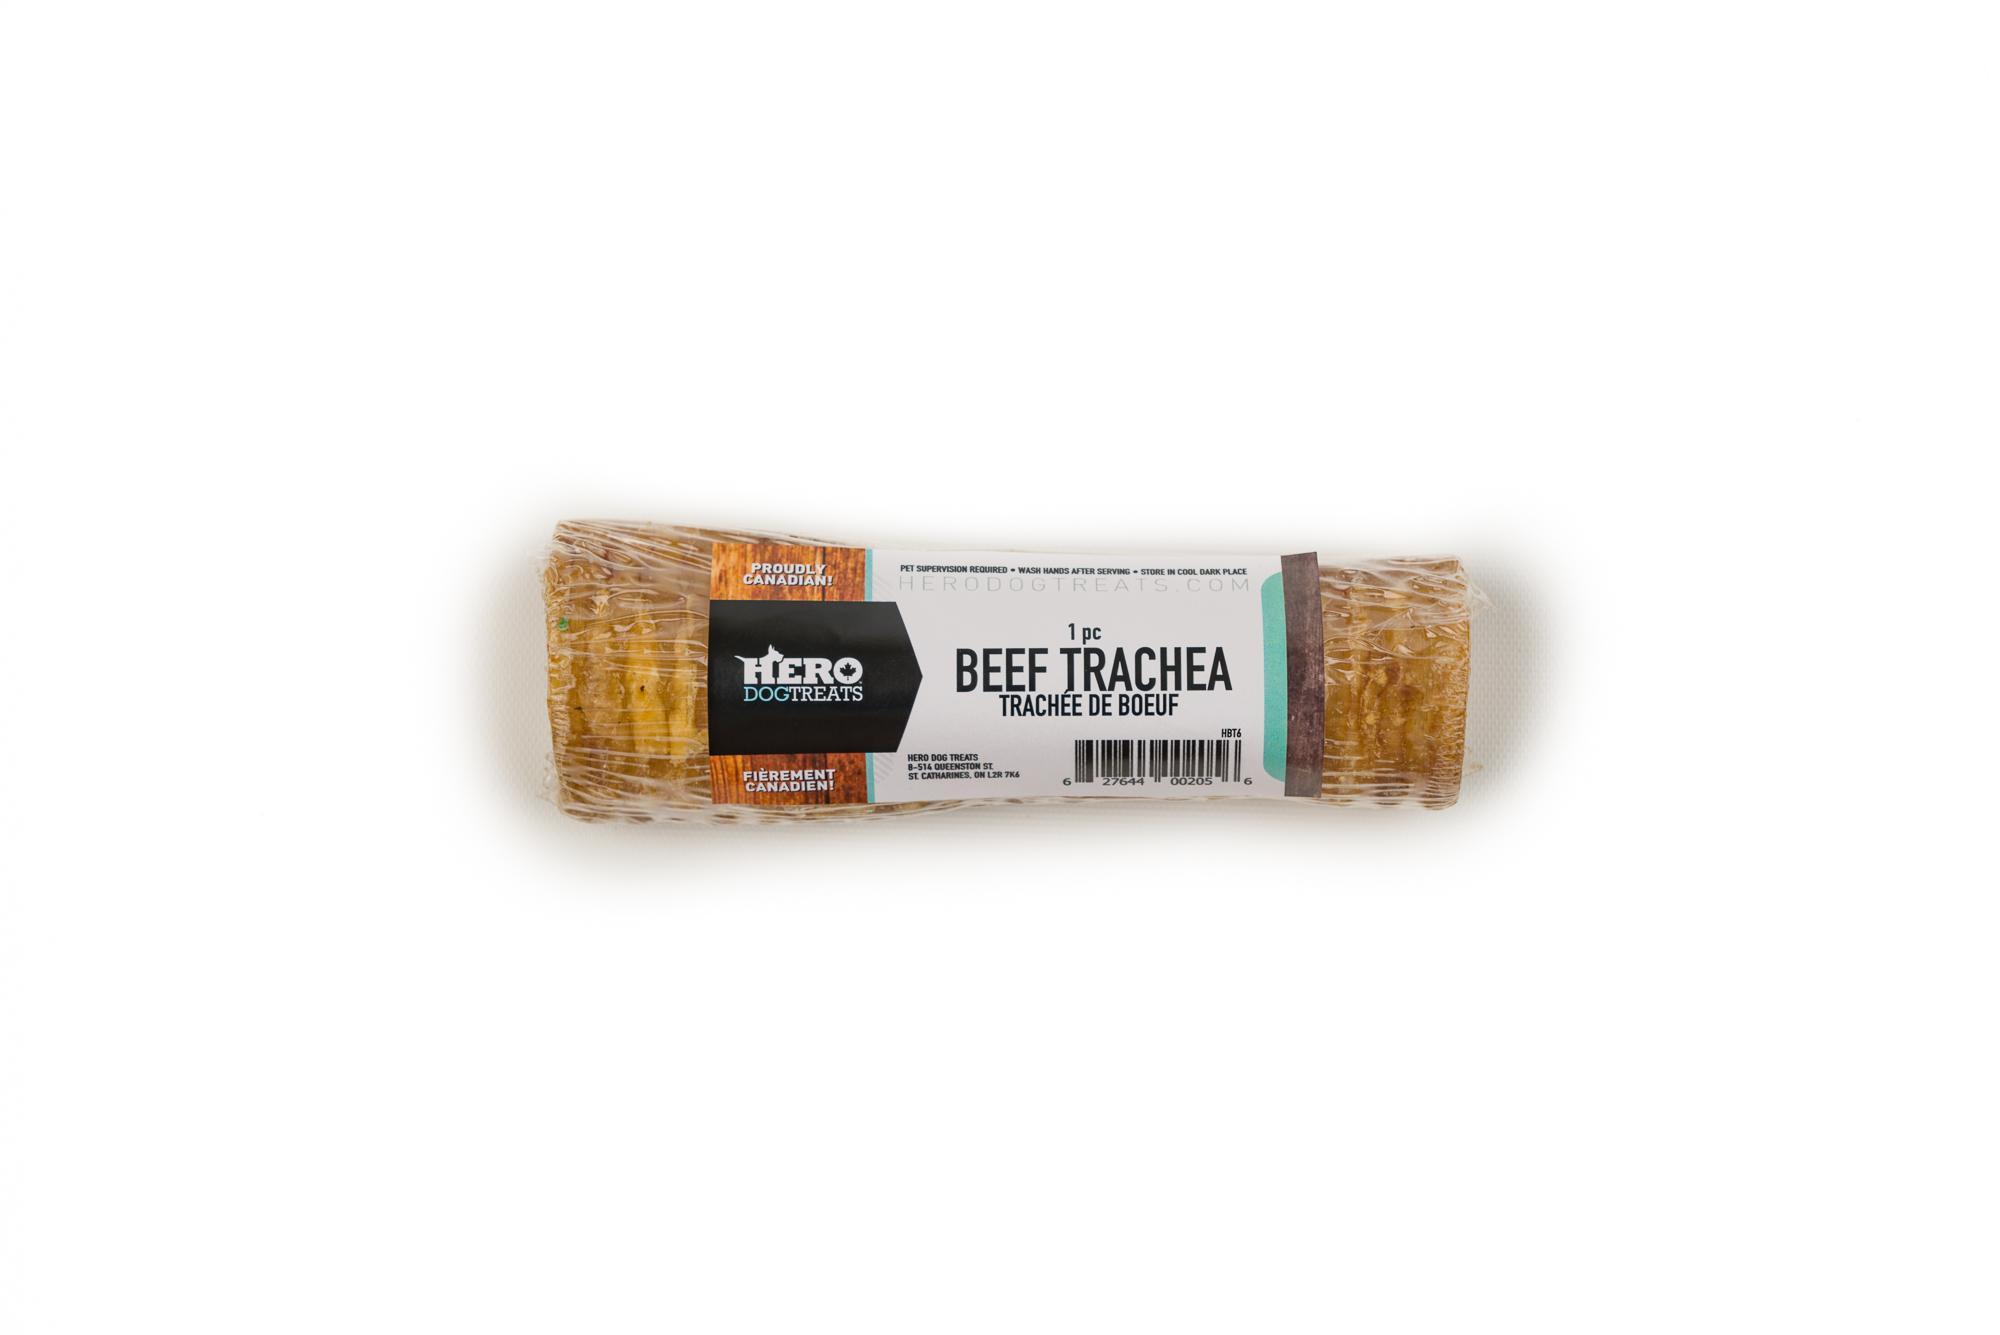 HeroDogTreats Beef Trachea Dog Treats, 6-in